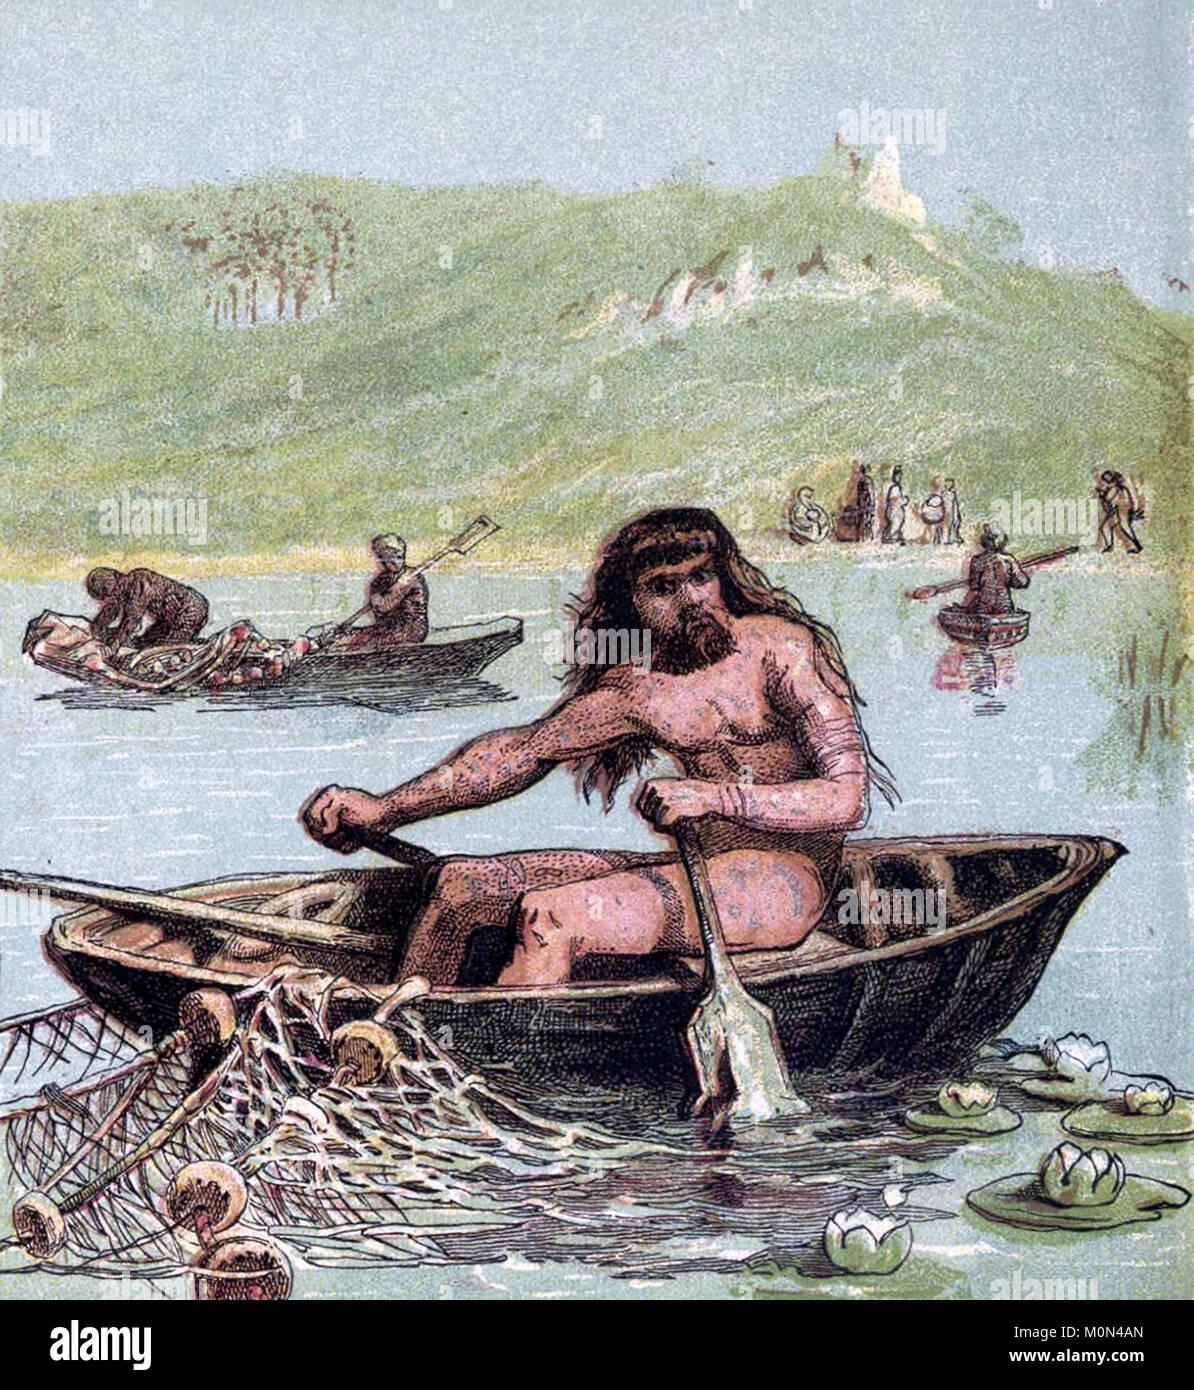 Antico britannico la pesca da un coracle. Illustrazione di un libro pubblicato nel 1868 Immagini Stock